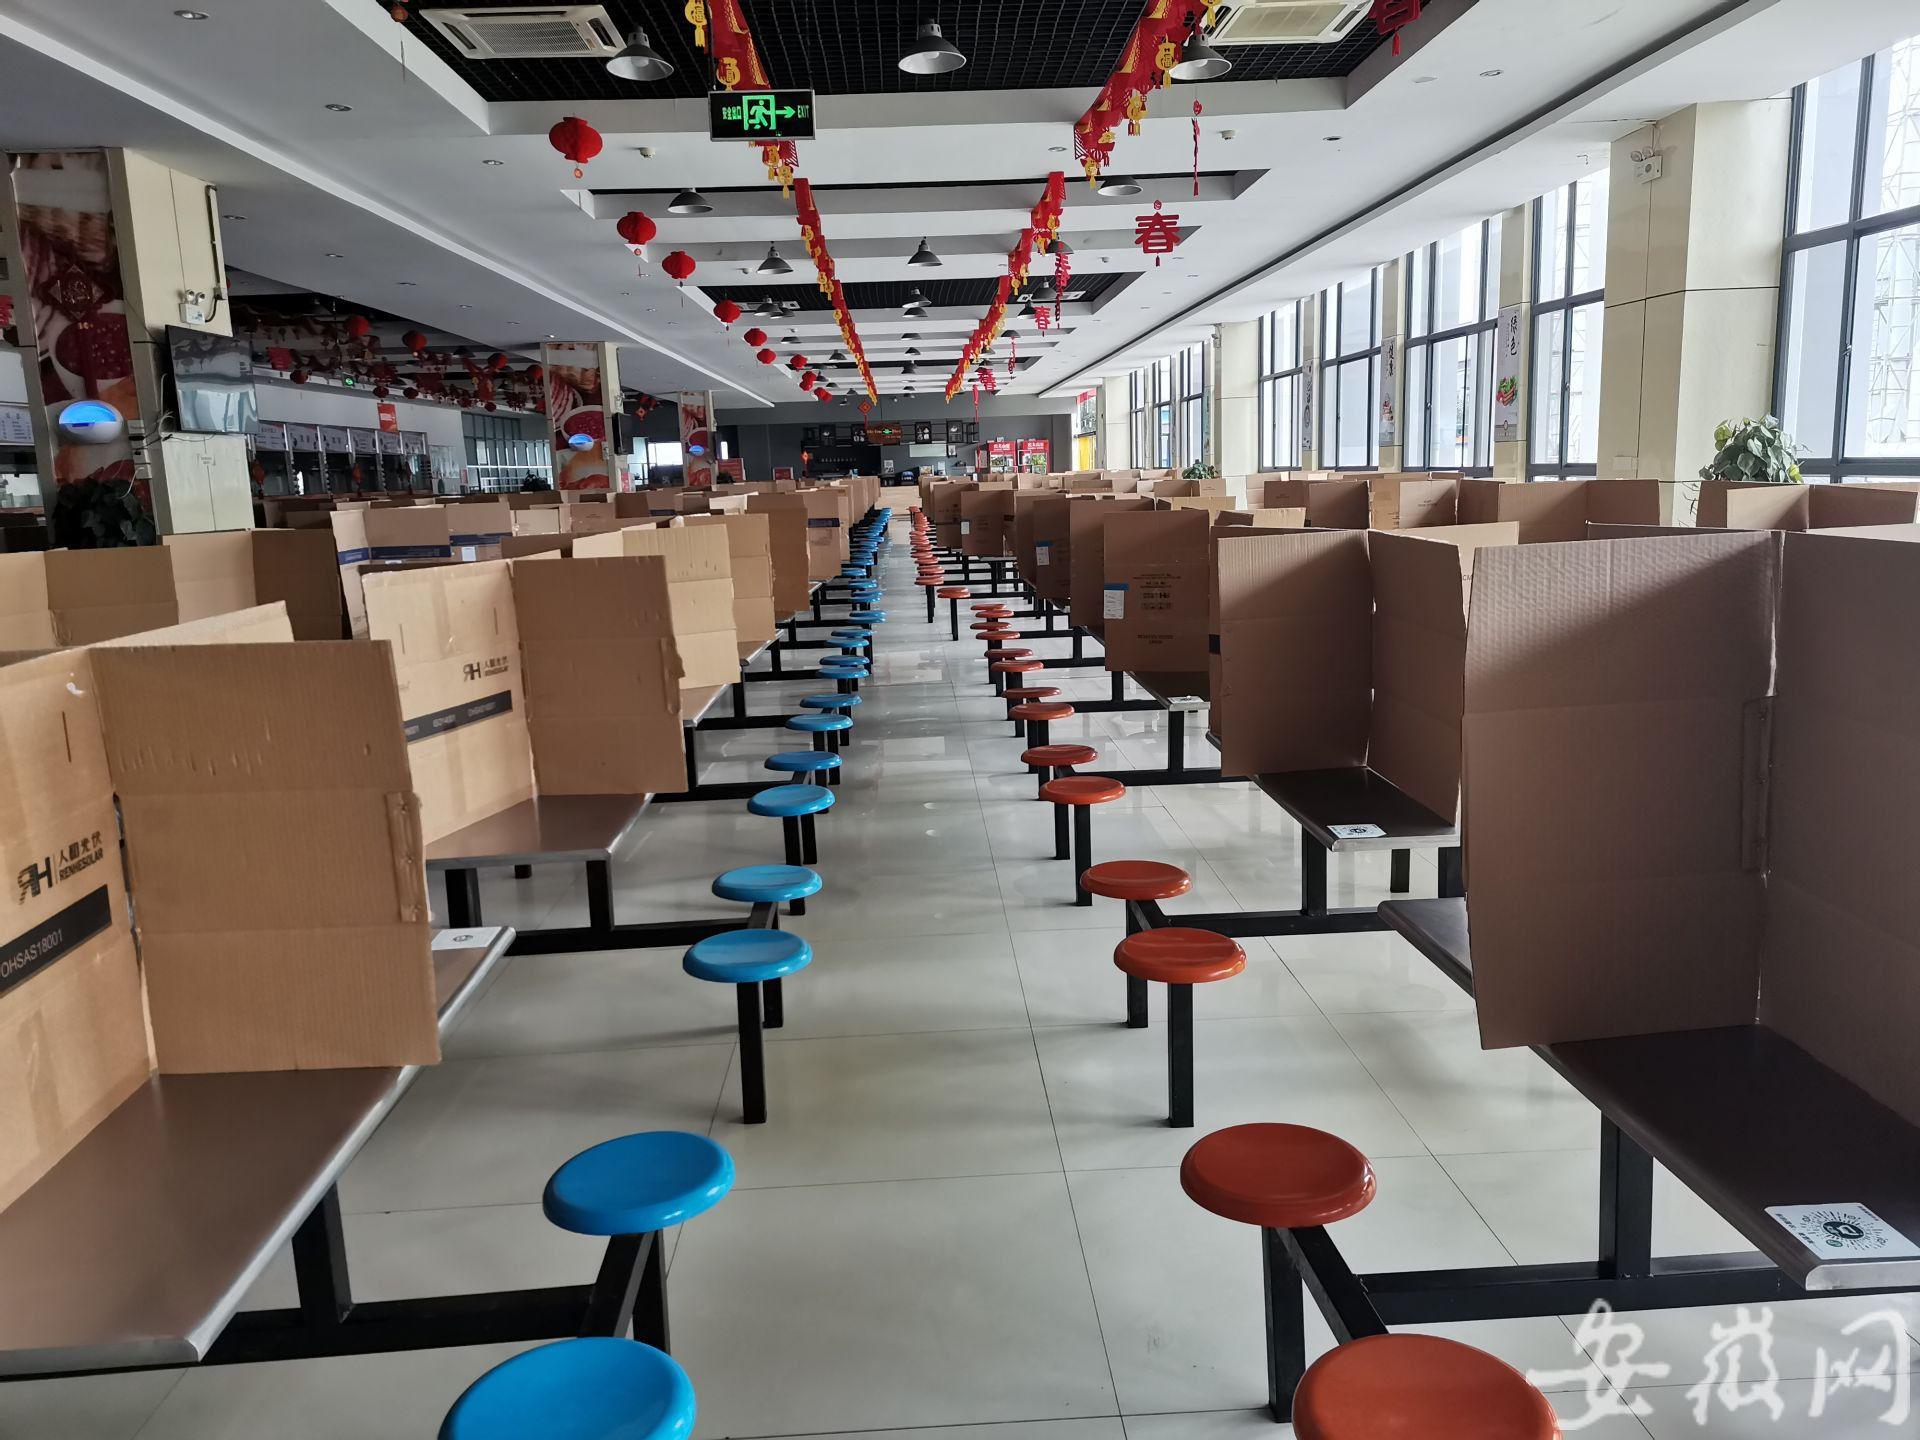 合肥复工首日探访企业:员工食堂餐桌上放置了隔板